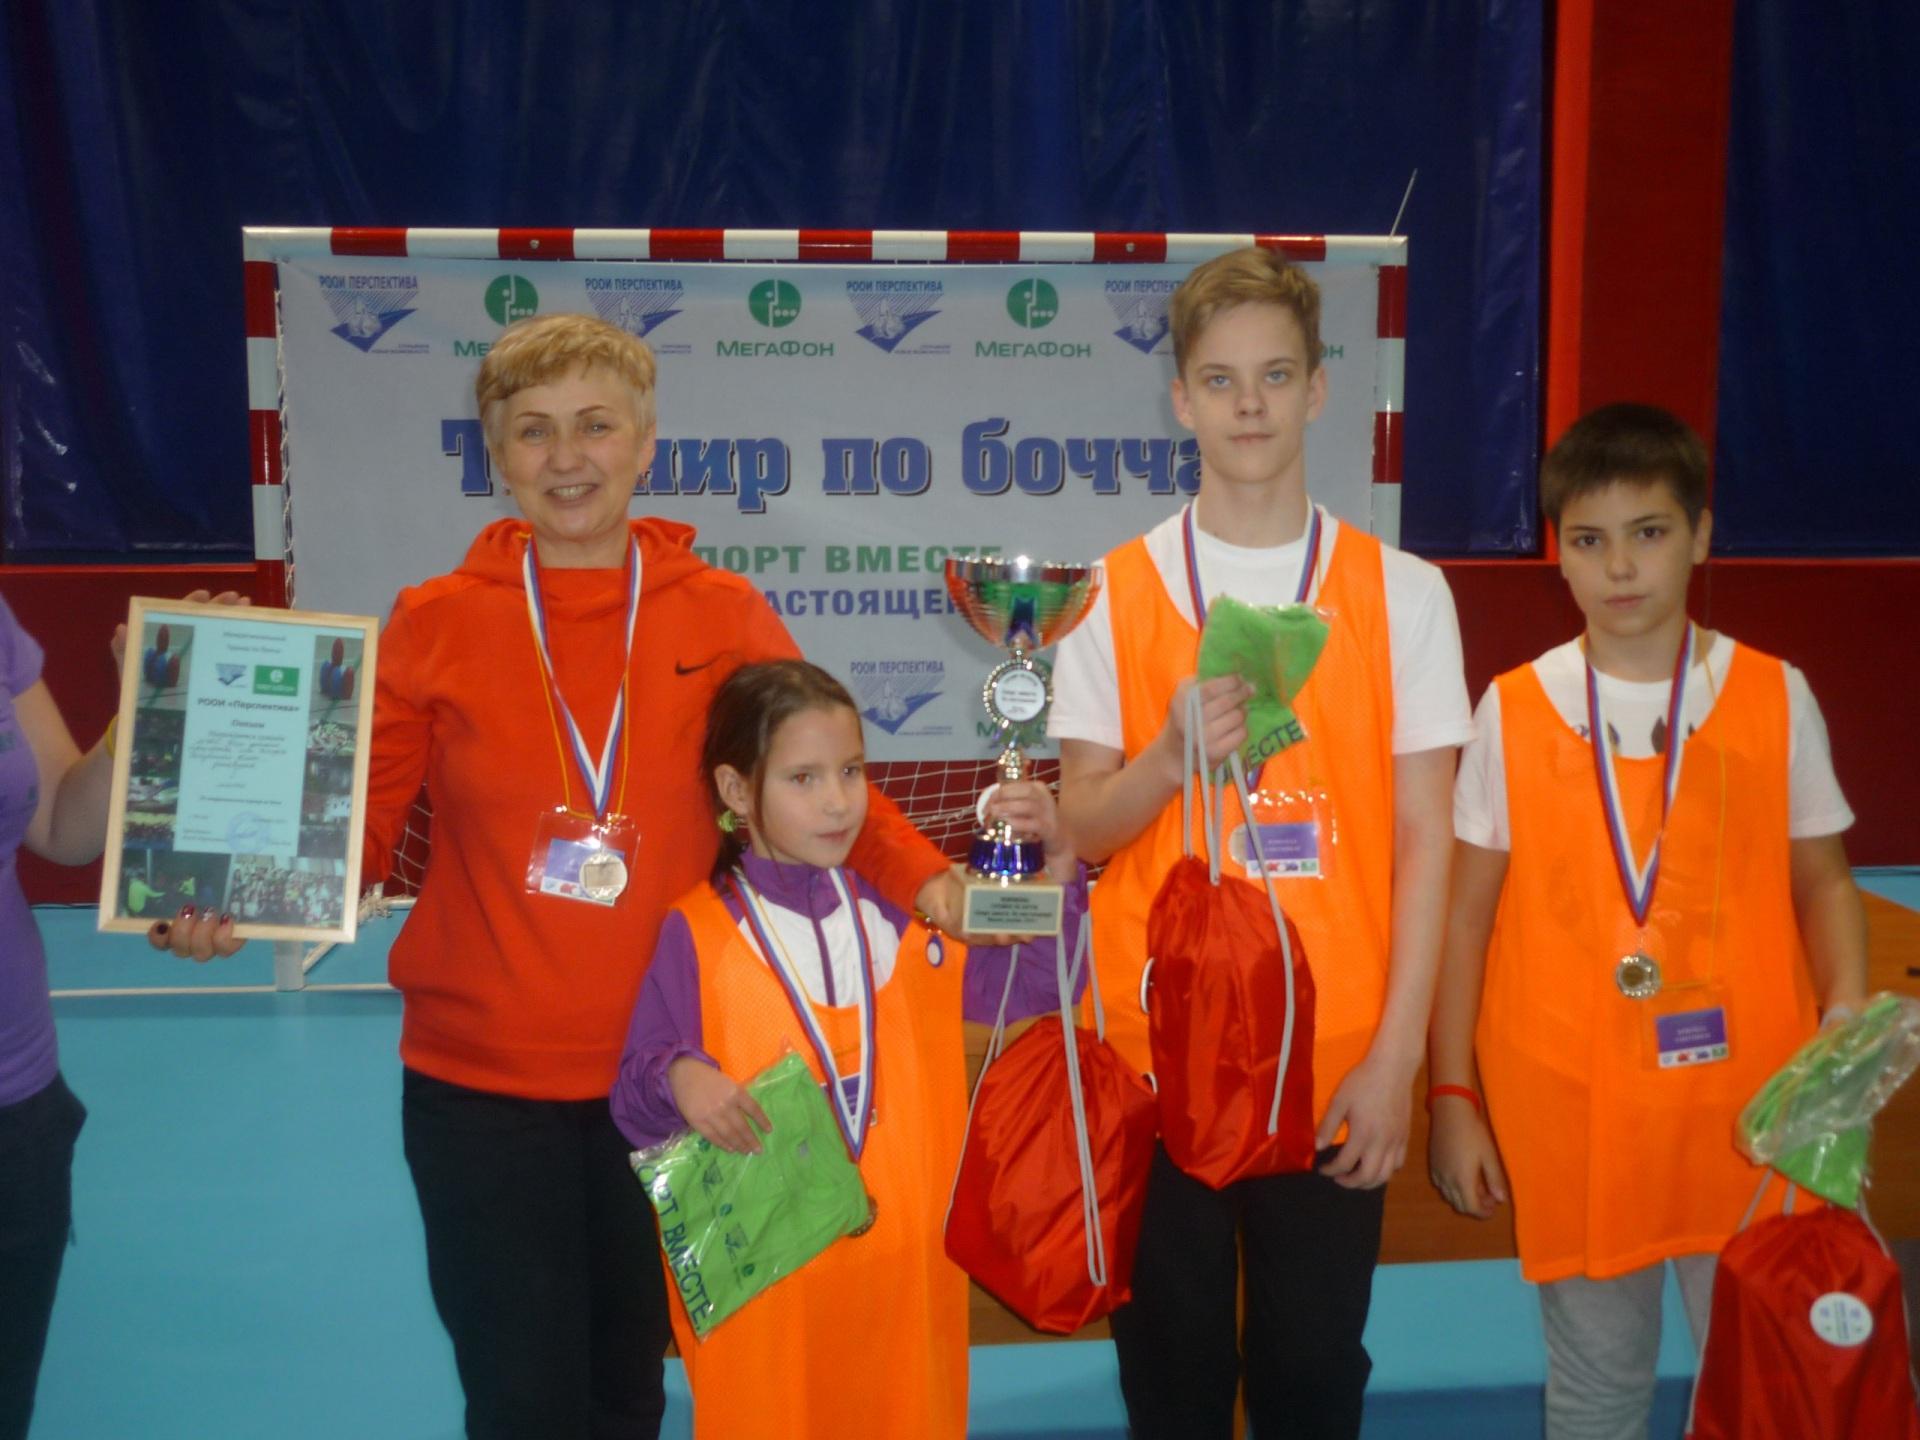 Команда юных спортсменов с инвалидностью из Усогорска взяла